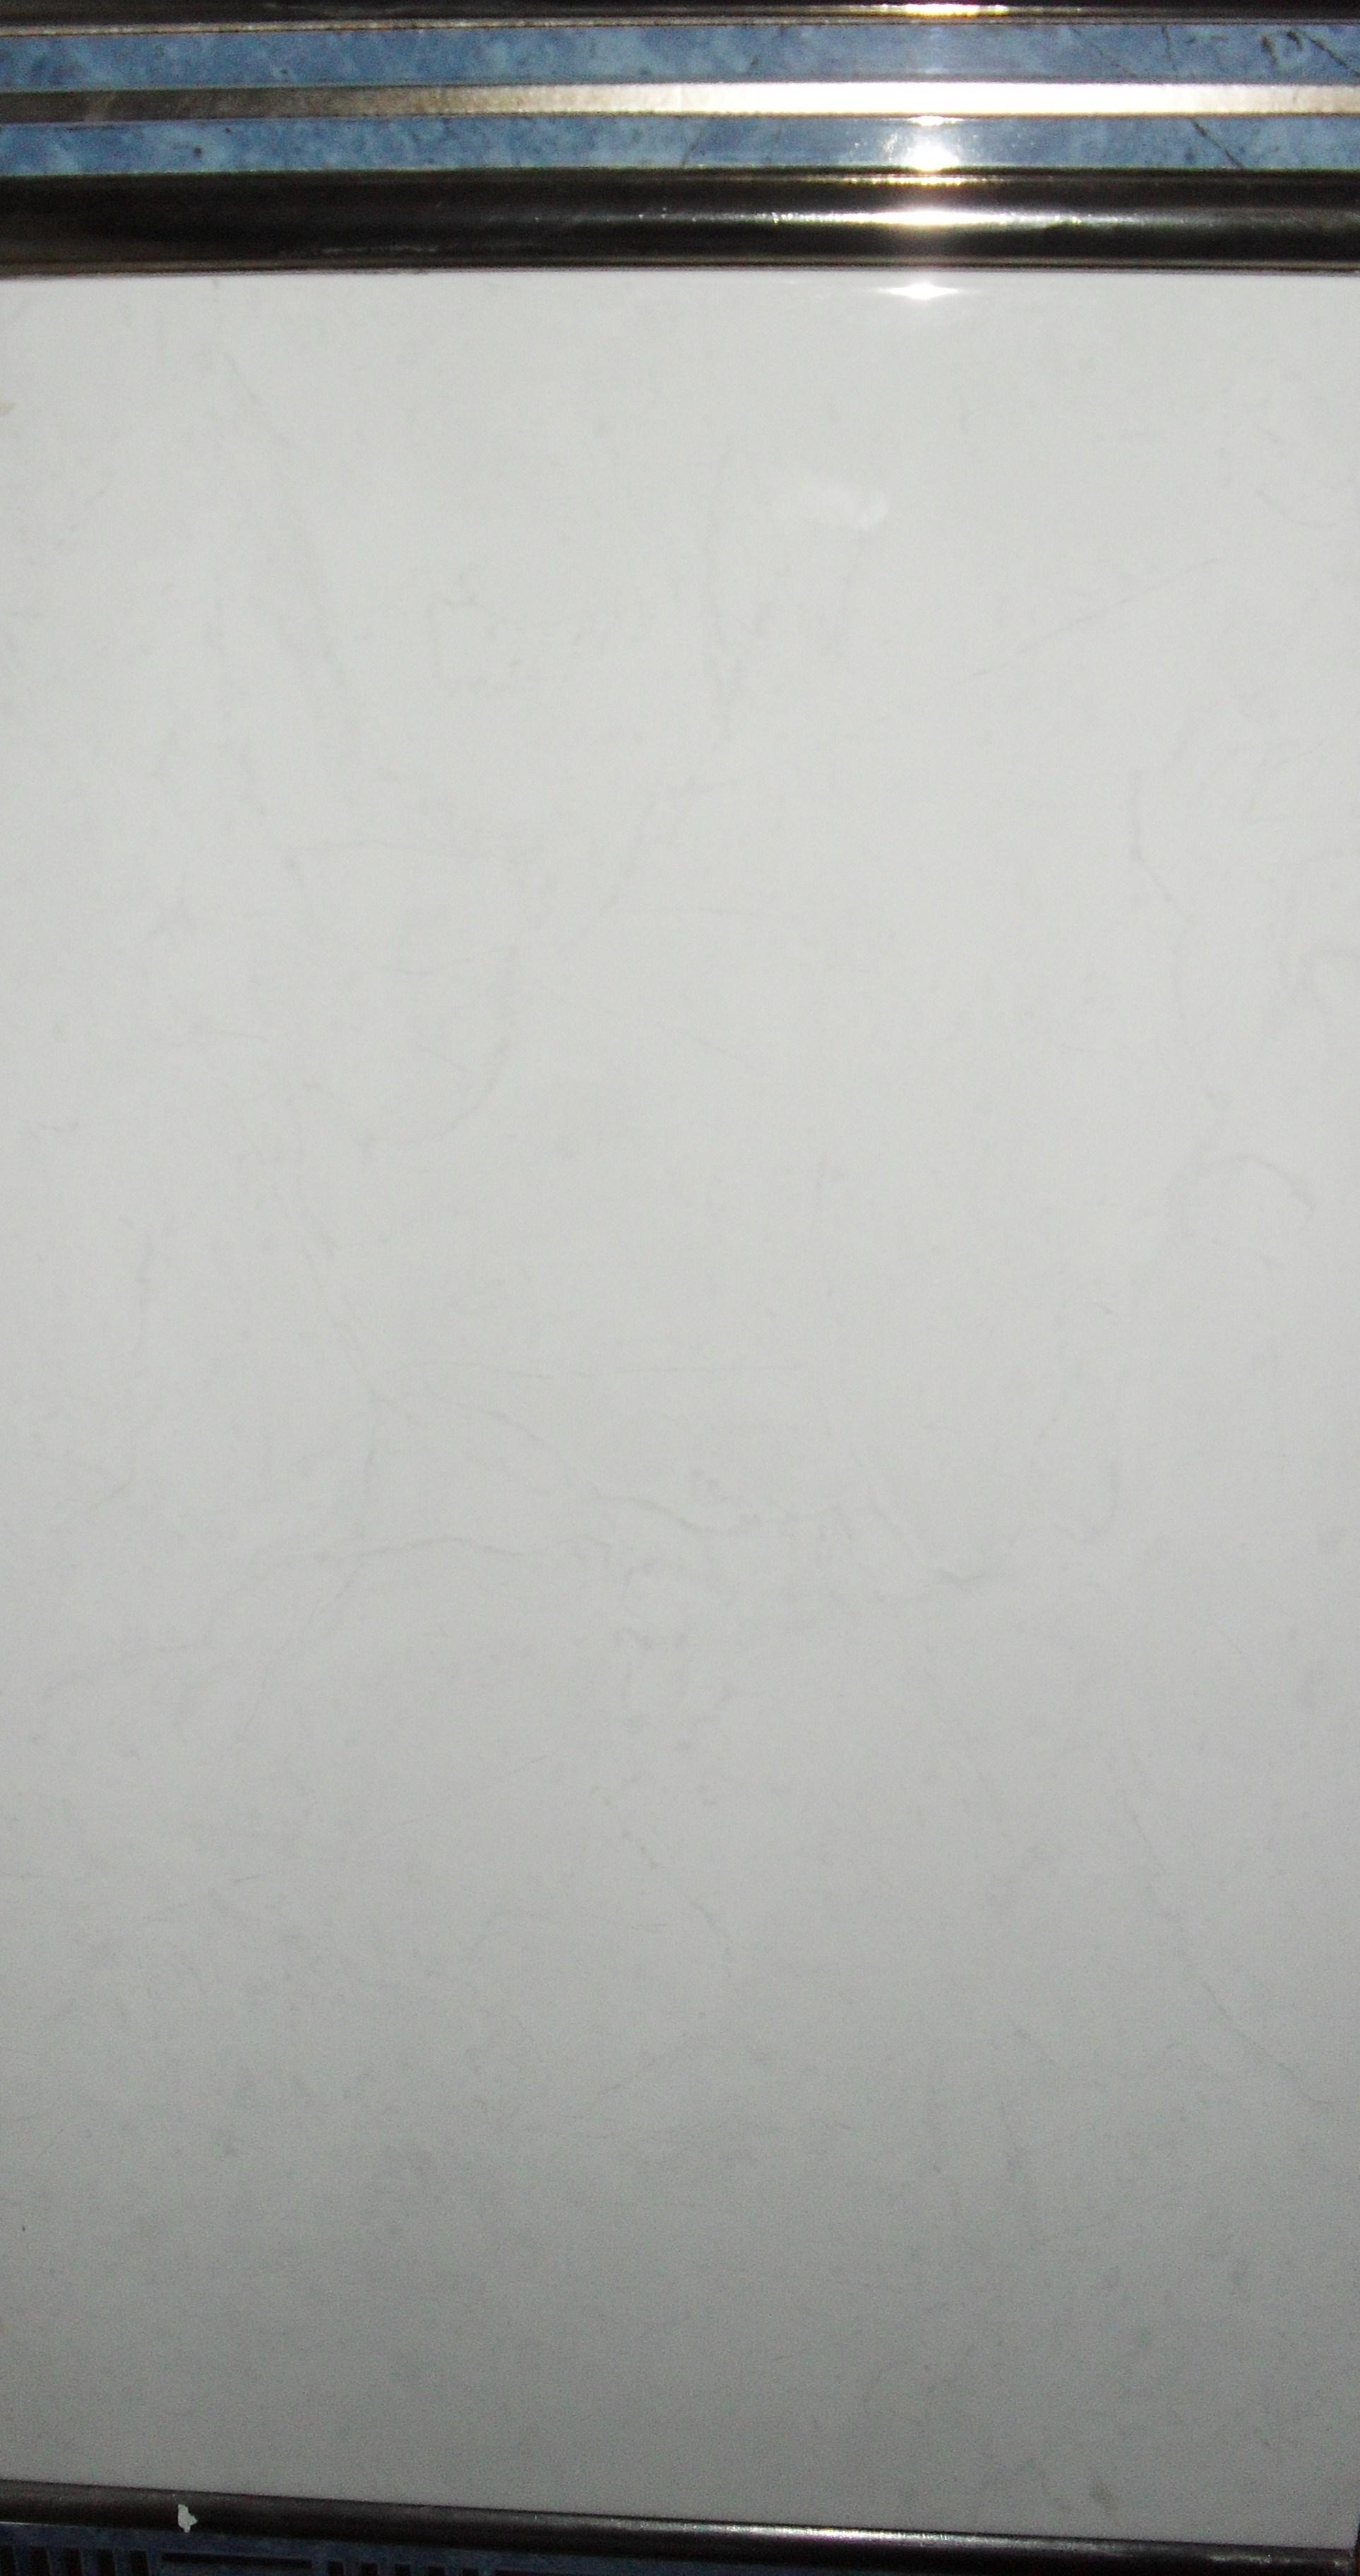 piastrelle bagno costo al mq: rivestimenti per esterni ed interni ... - Costi Piastrelle Bagno